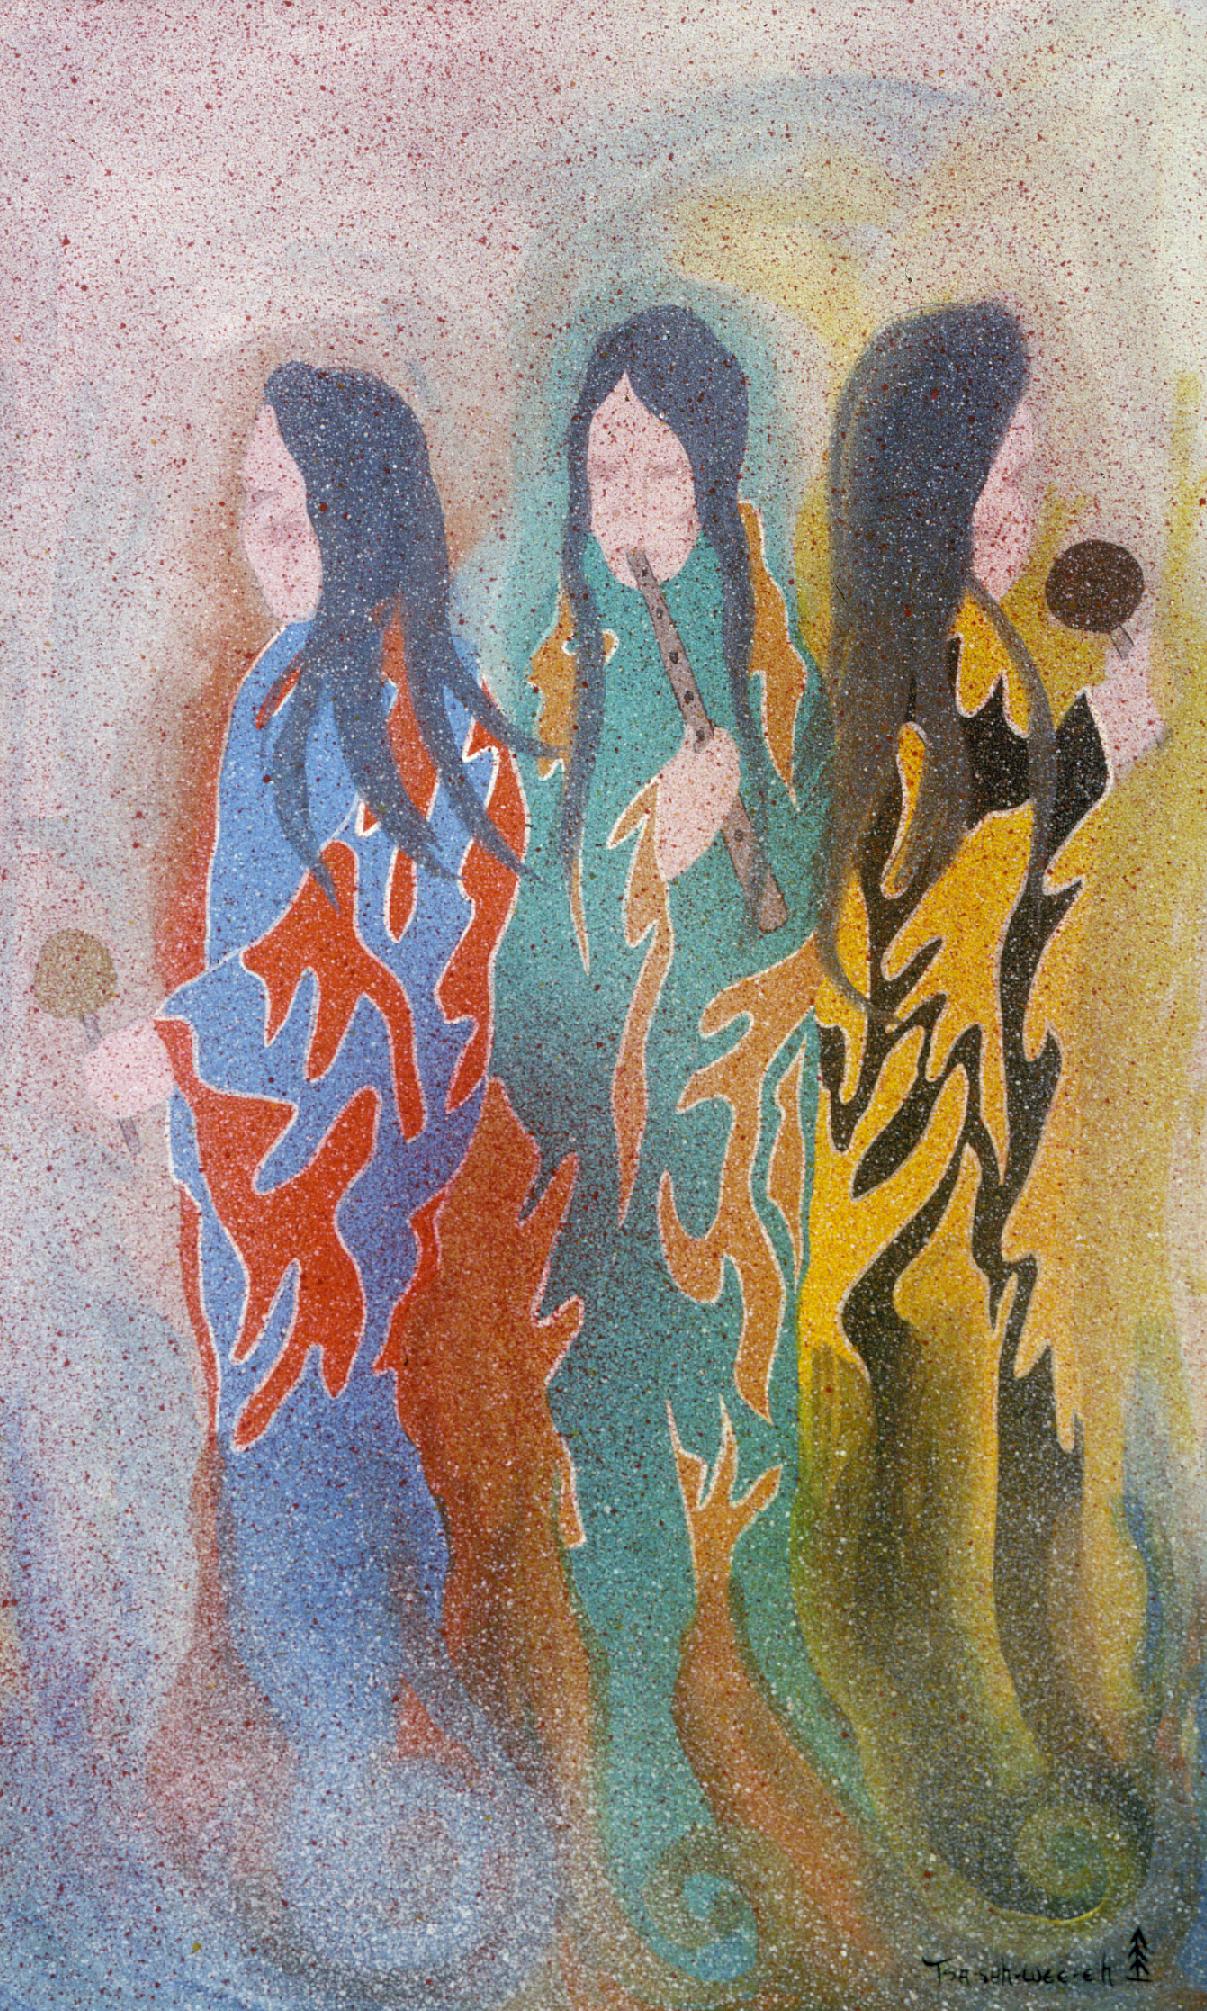 Medicine Fire (1965) -by- Helen Hardin (Tsa Sah Wee Eh) Santa Clara Casein on Board  Catalog No.: 99-252-005